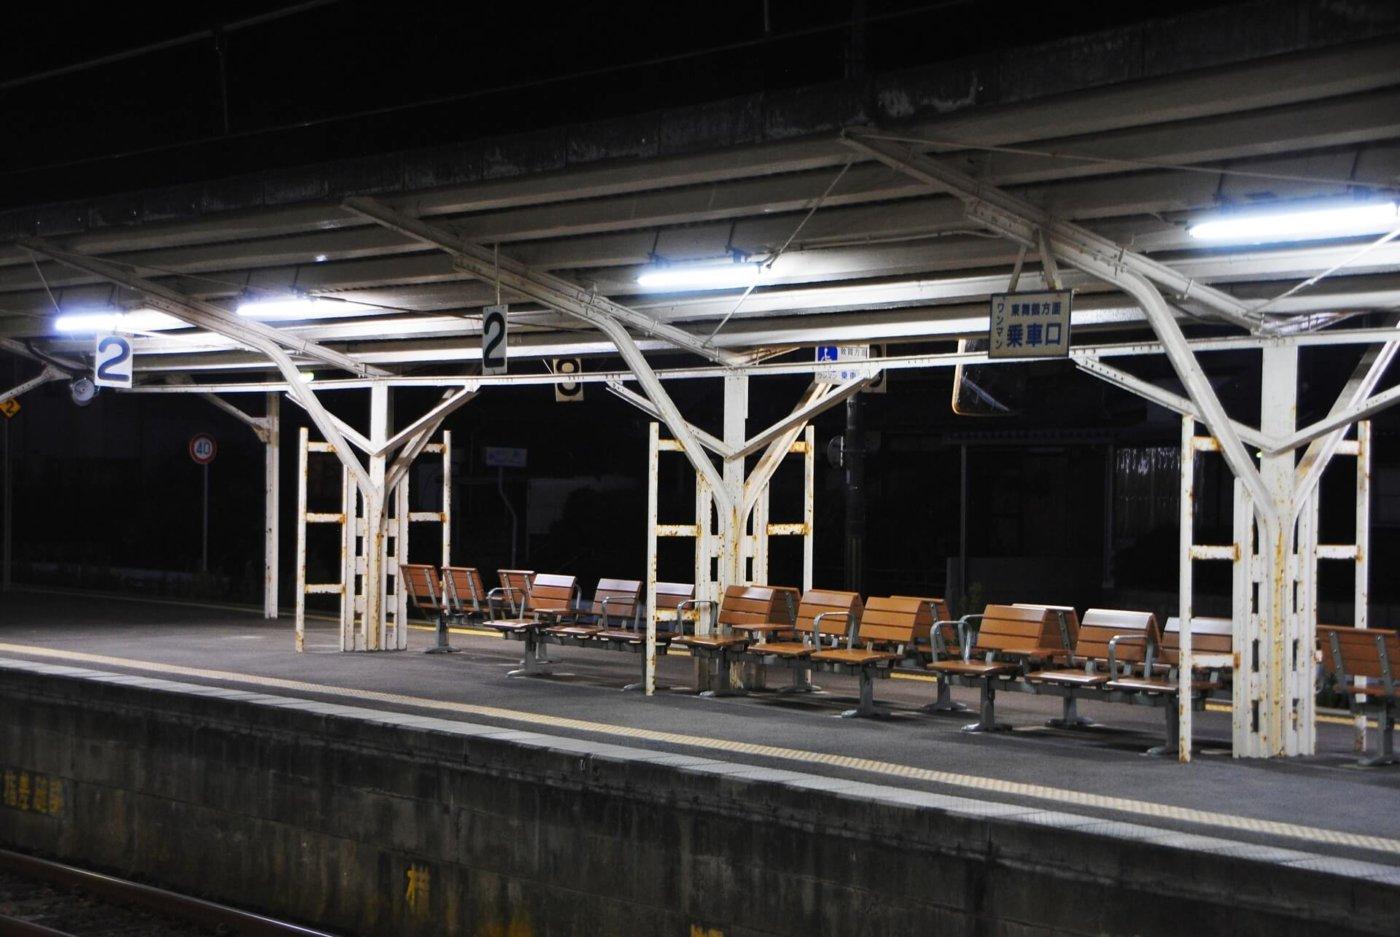 「大晦日はイベント♪でも終電は!?」大晦日、電車は何時までやってるの?